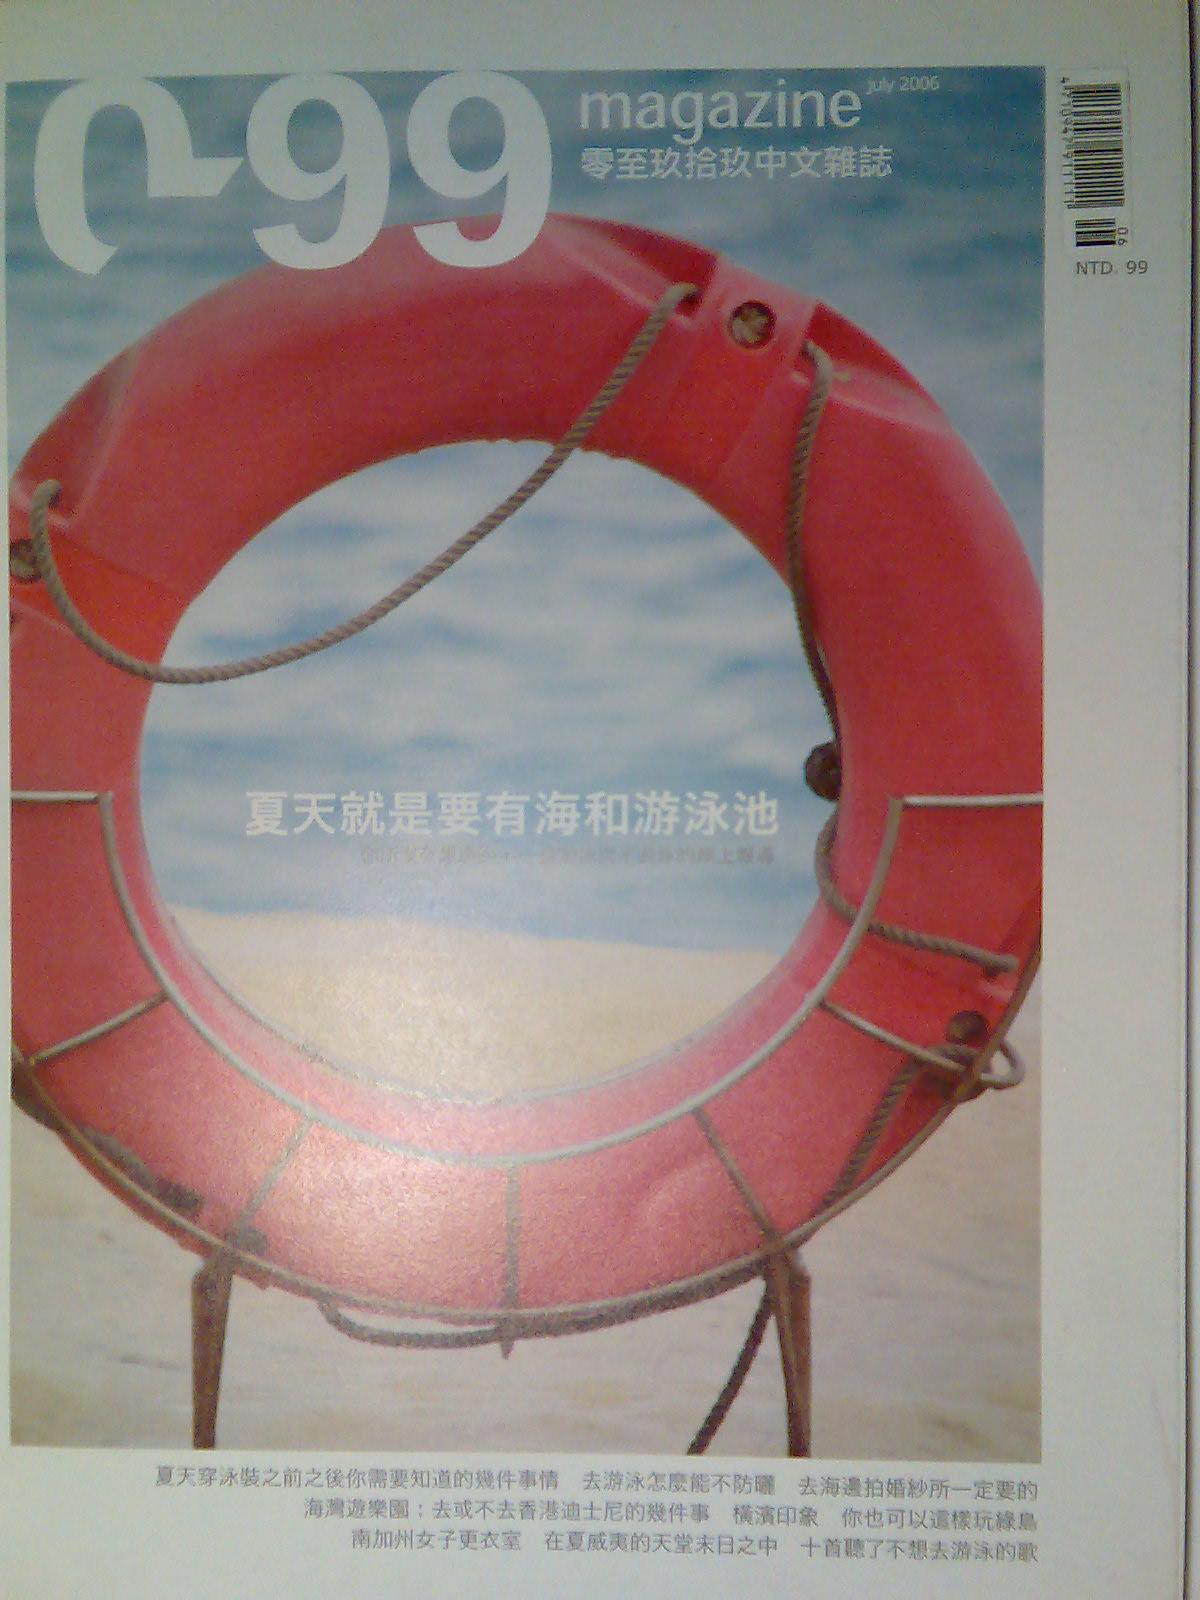 0-99零至玖拾玖中文雜誌